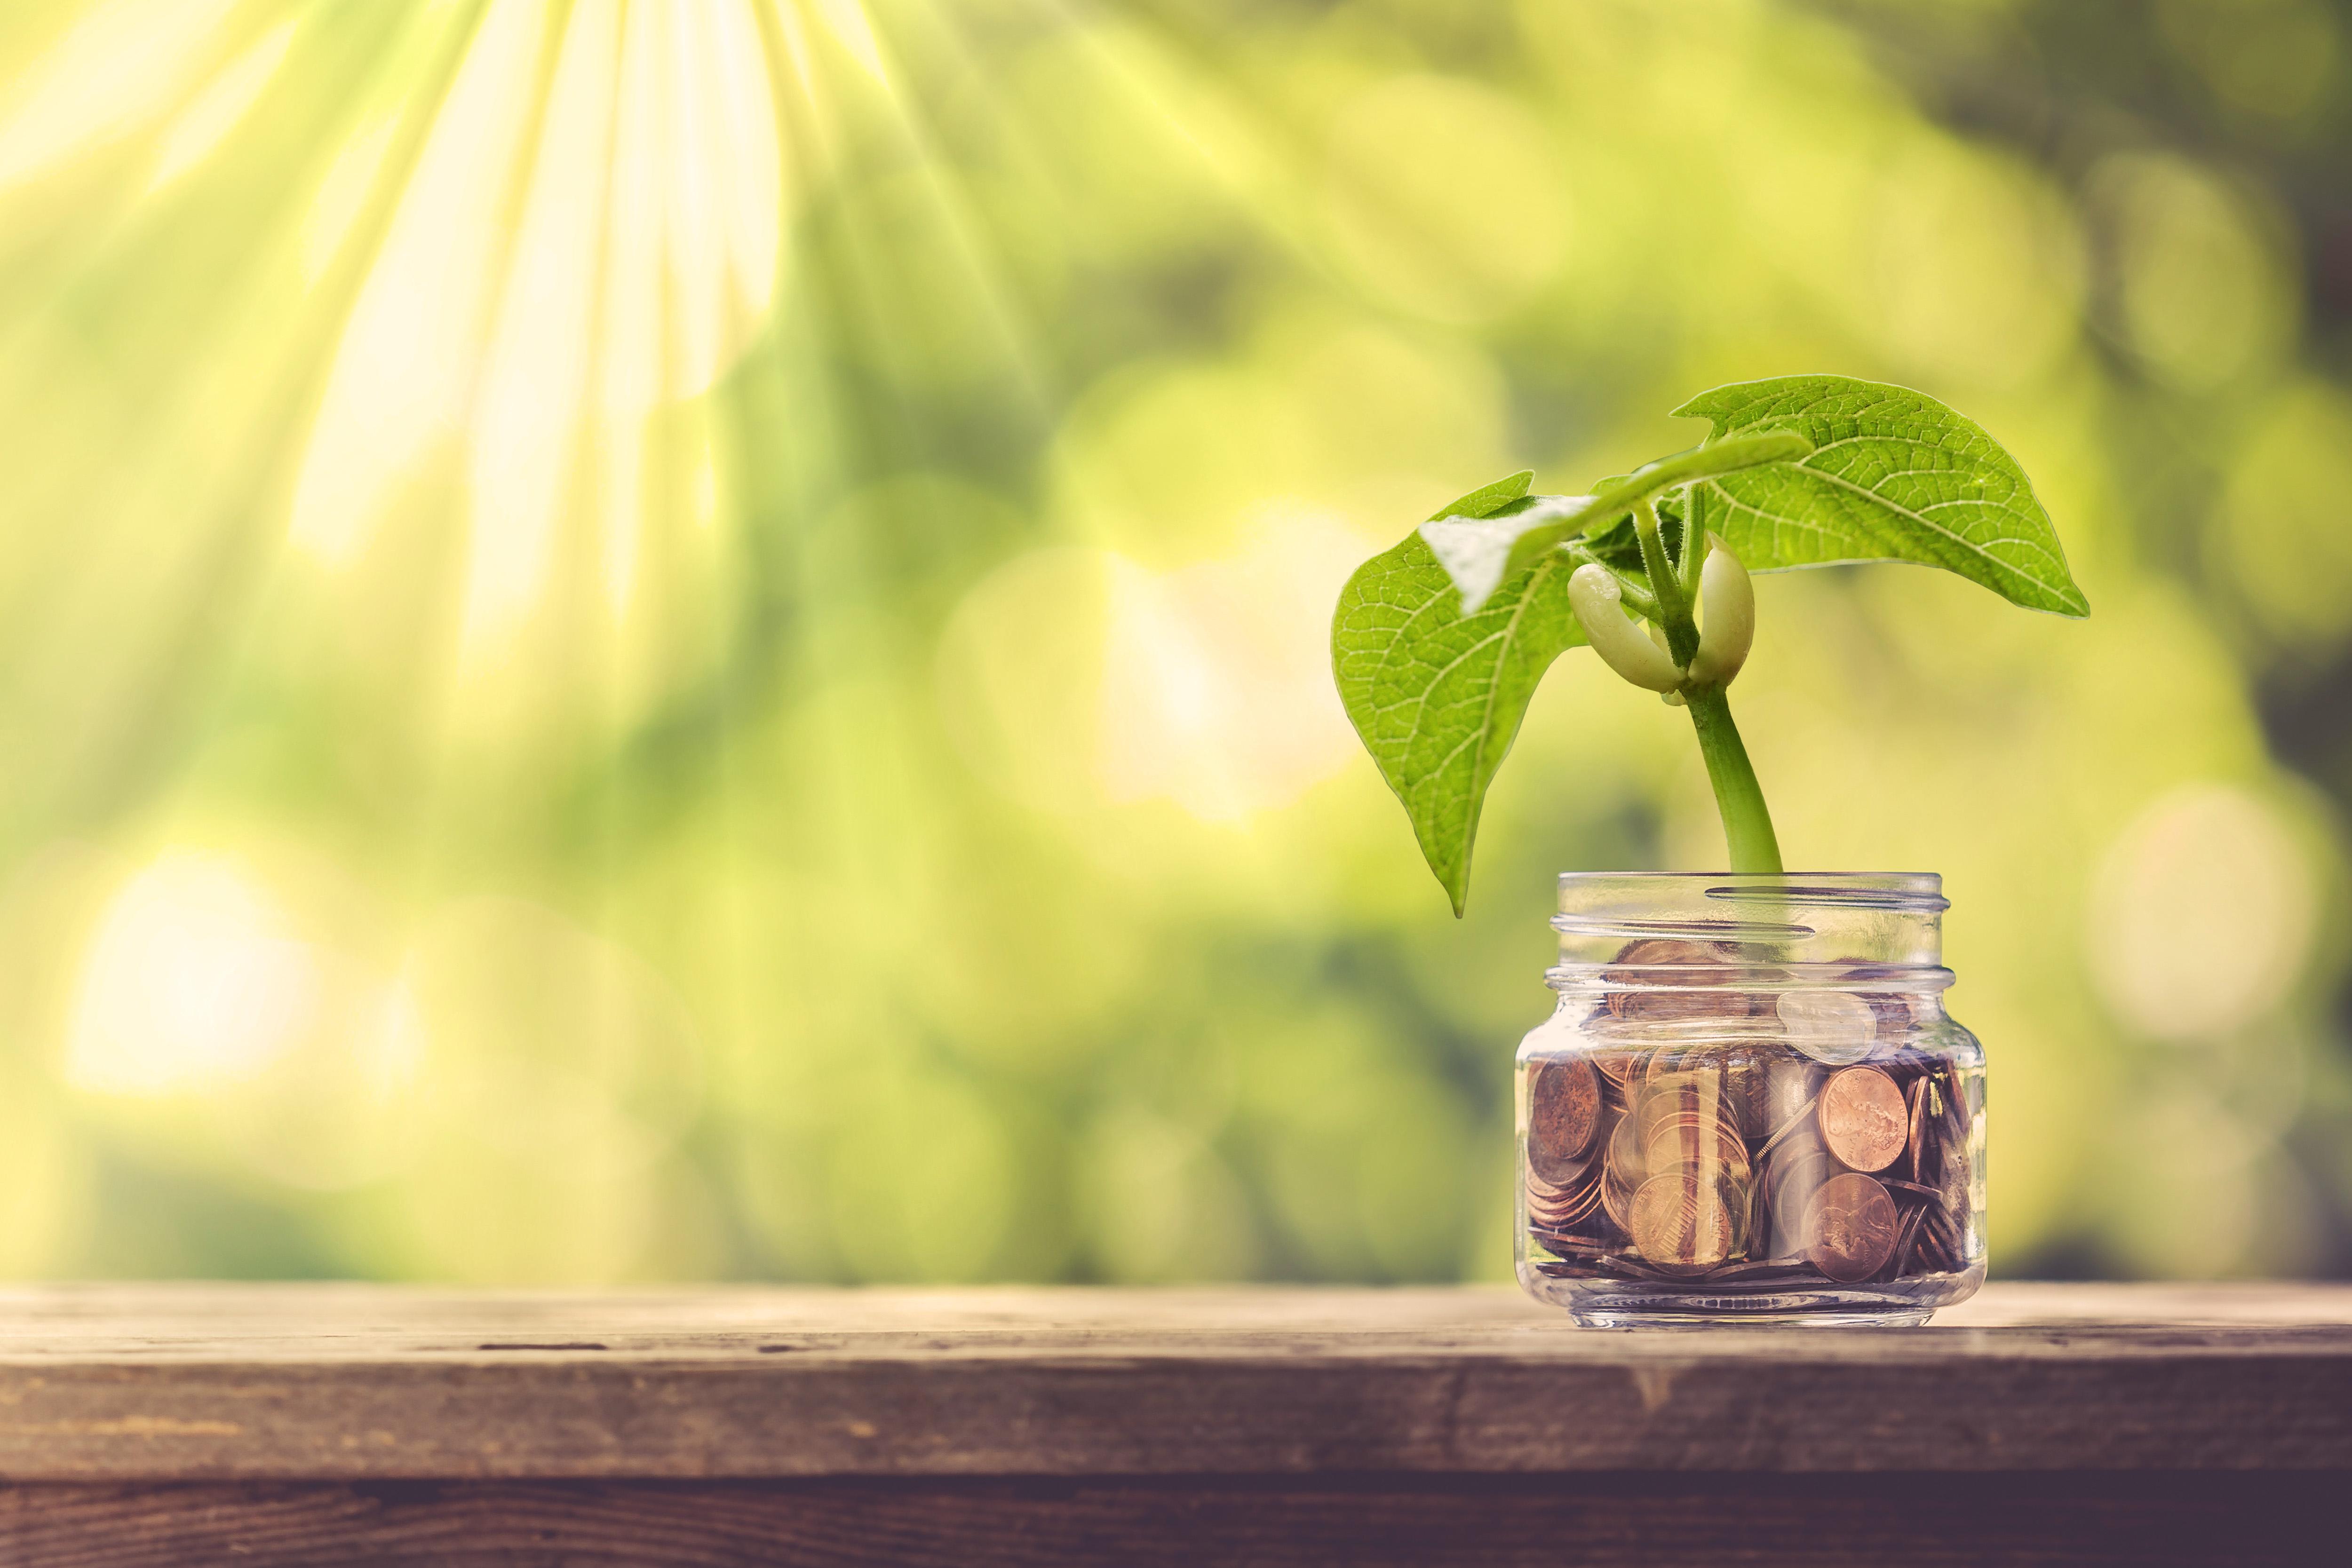 Pflanze wächst auf Geld Pflegegeld